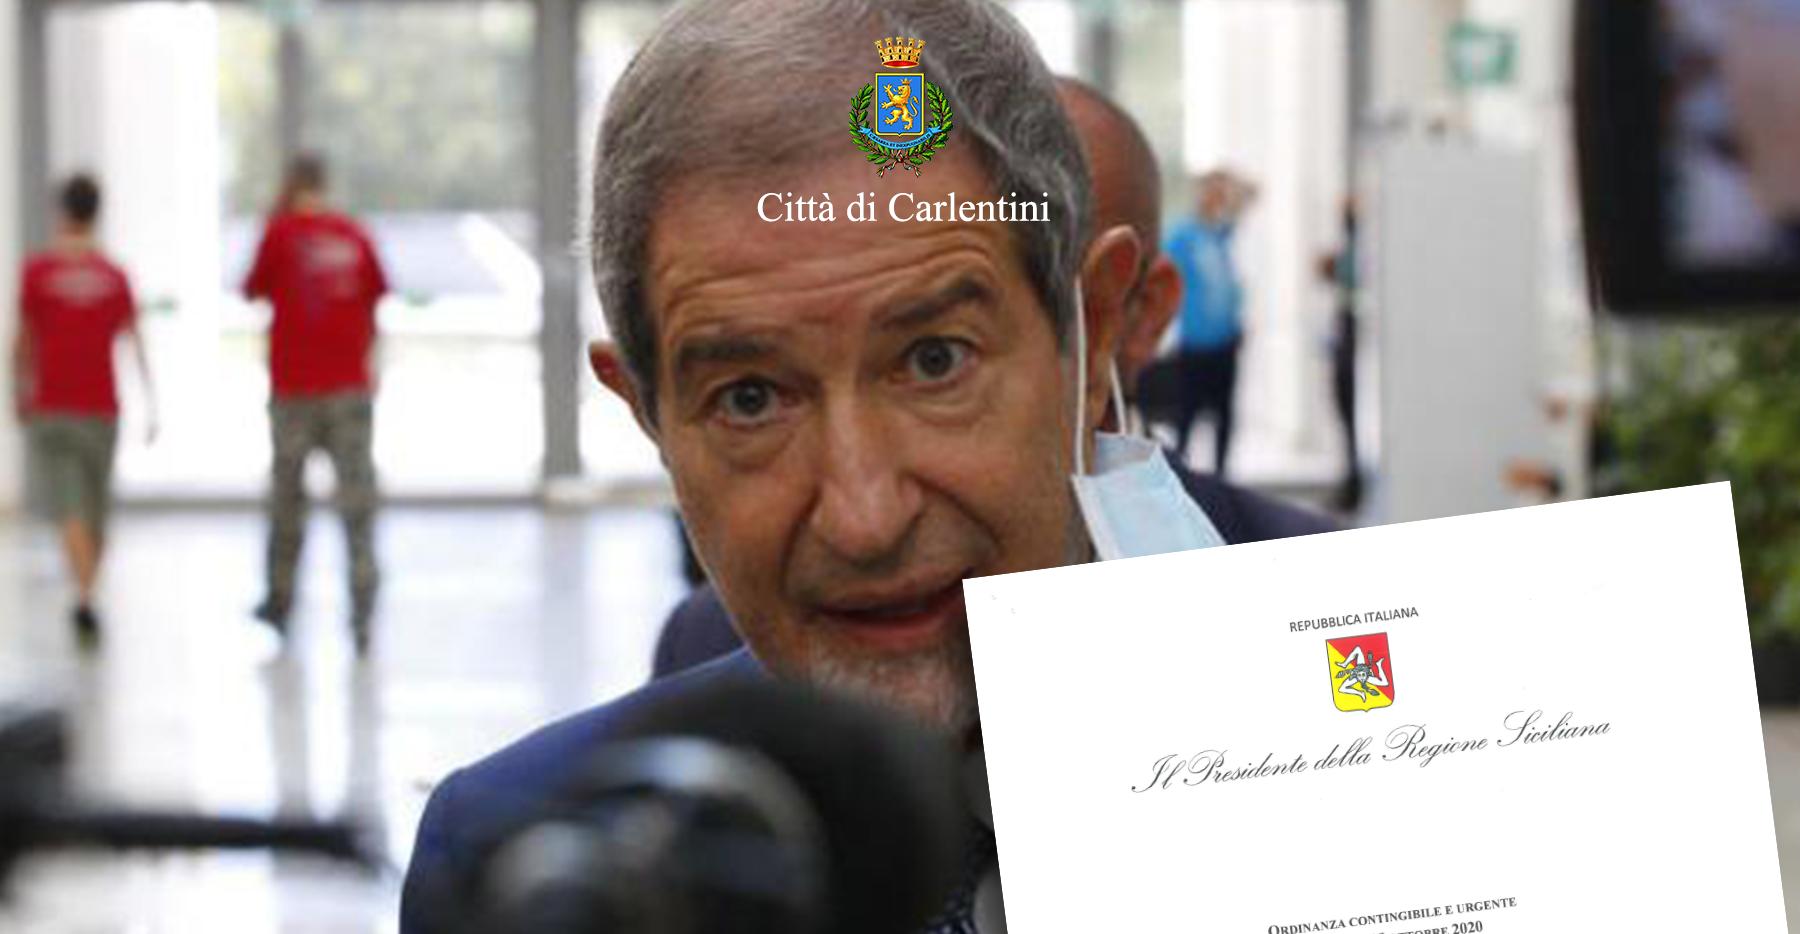 Presidenza della Regione: Ordinanza contingibile e urgente n° 42 del 15 ottobre 2020